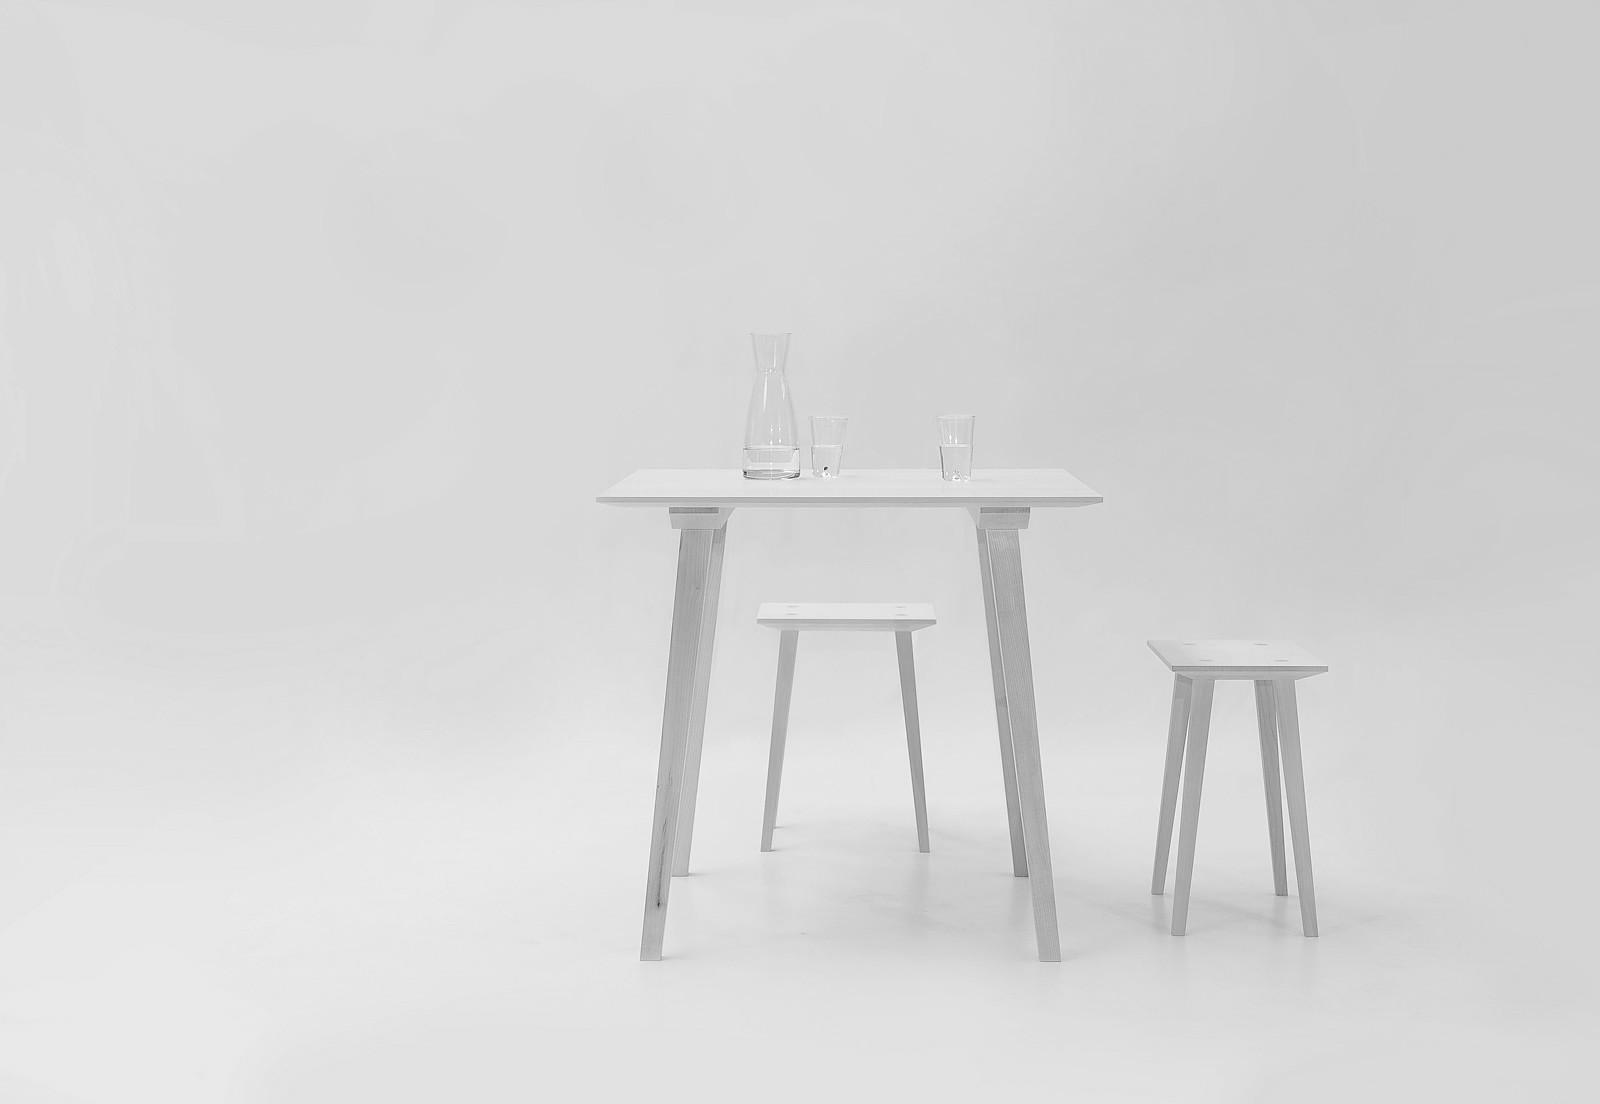 tischlerei sommer tischlerei sommer. Black Bedroom Furniture Sets. Home Design Ideas